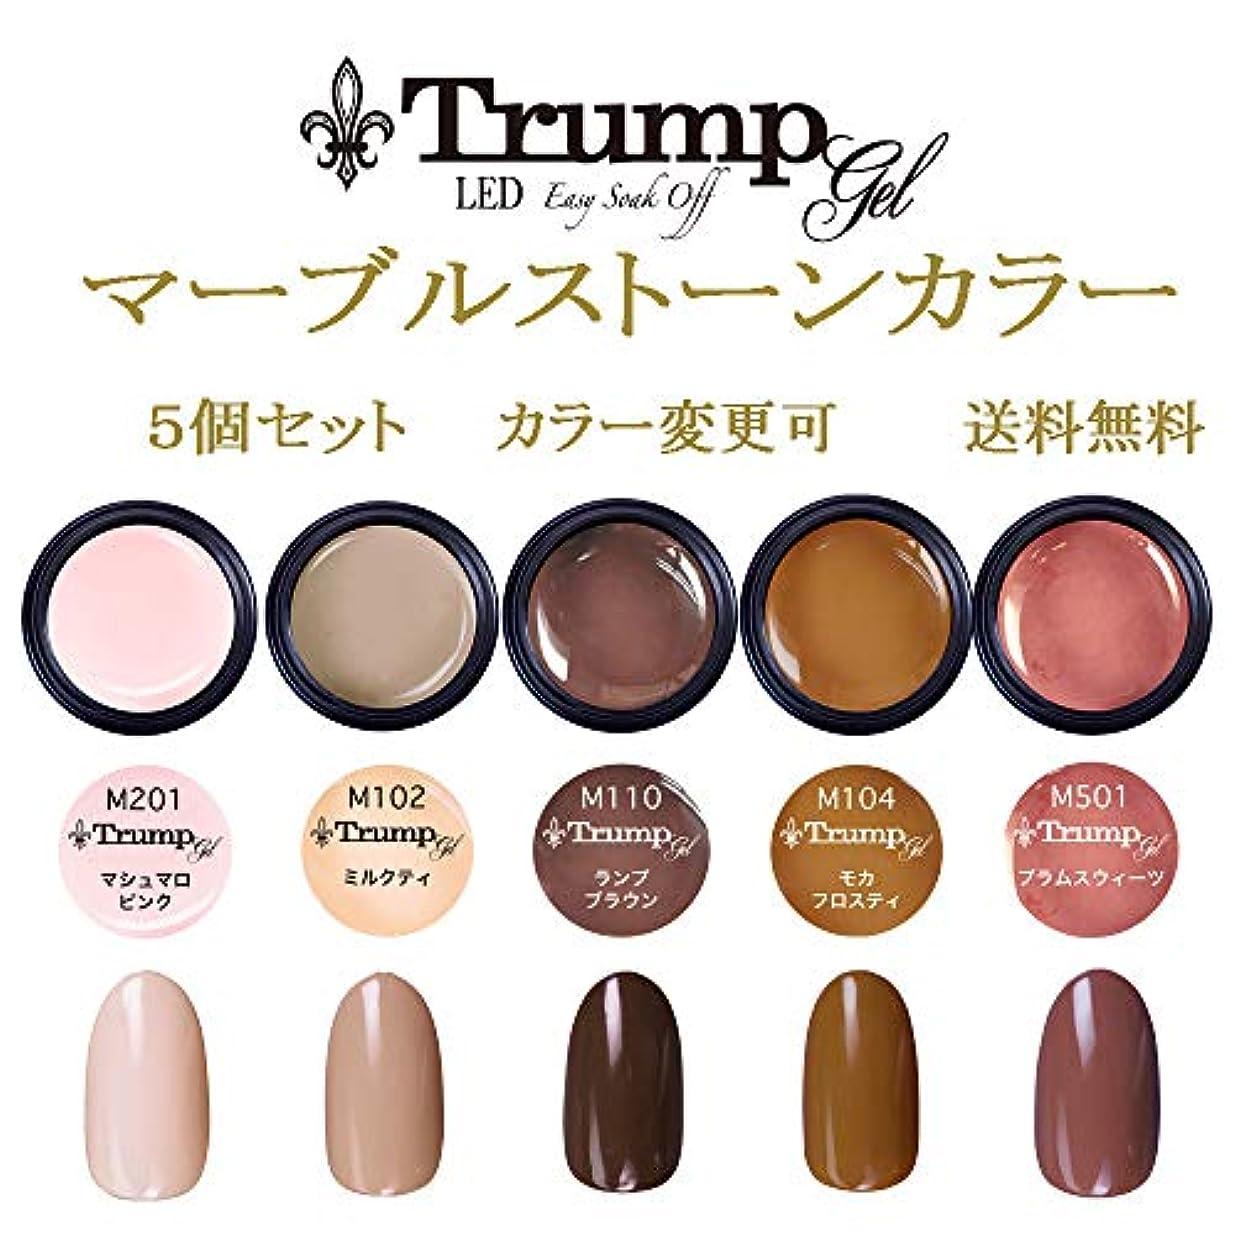 協力的そよ風分析的【送料無料】日本製 Trump gel トランプジェル マーブルストーン カラージェル 5個セット 人気の大理石ネイルカラーをチョイス